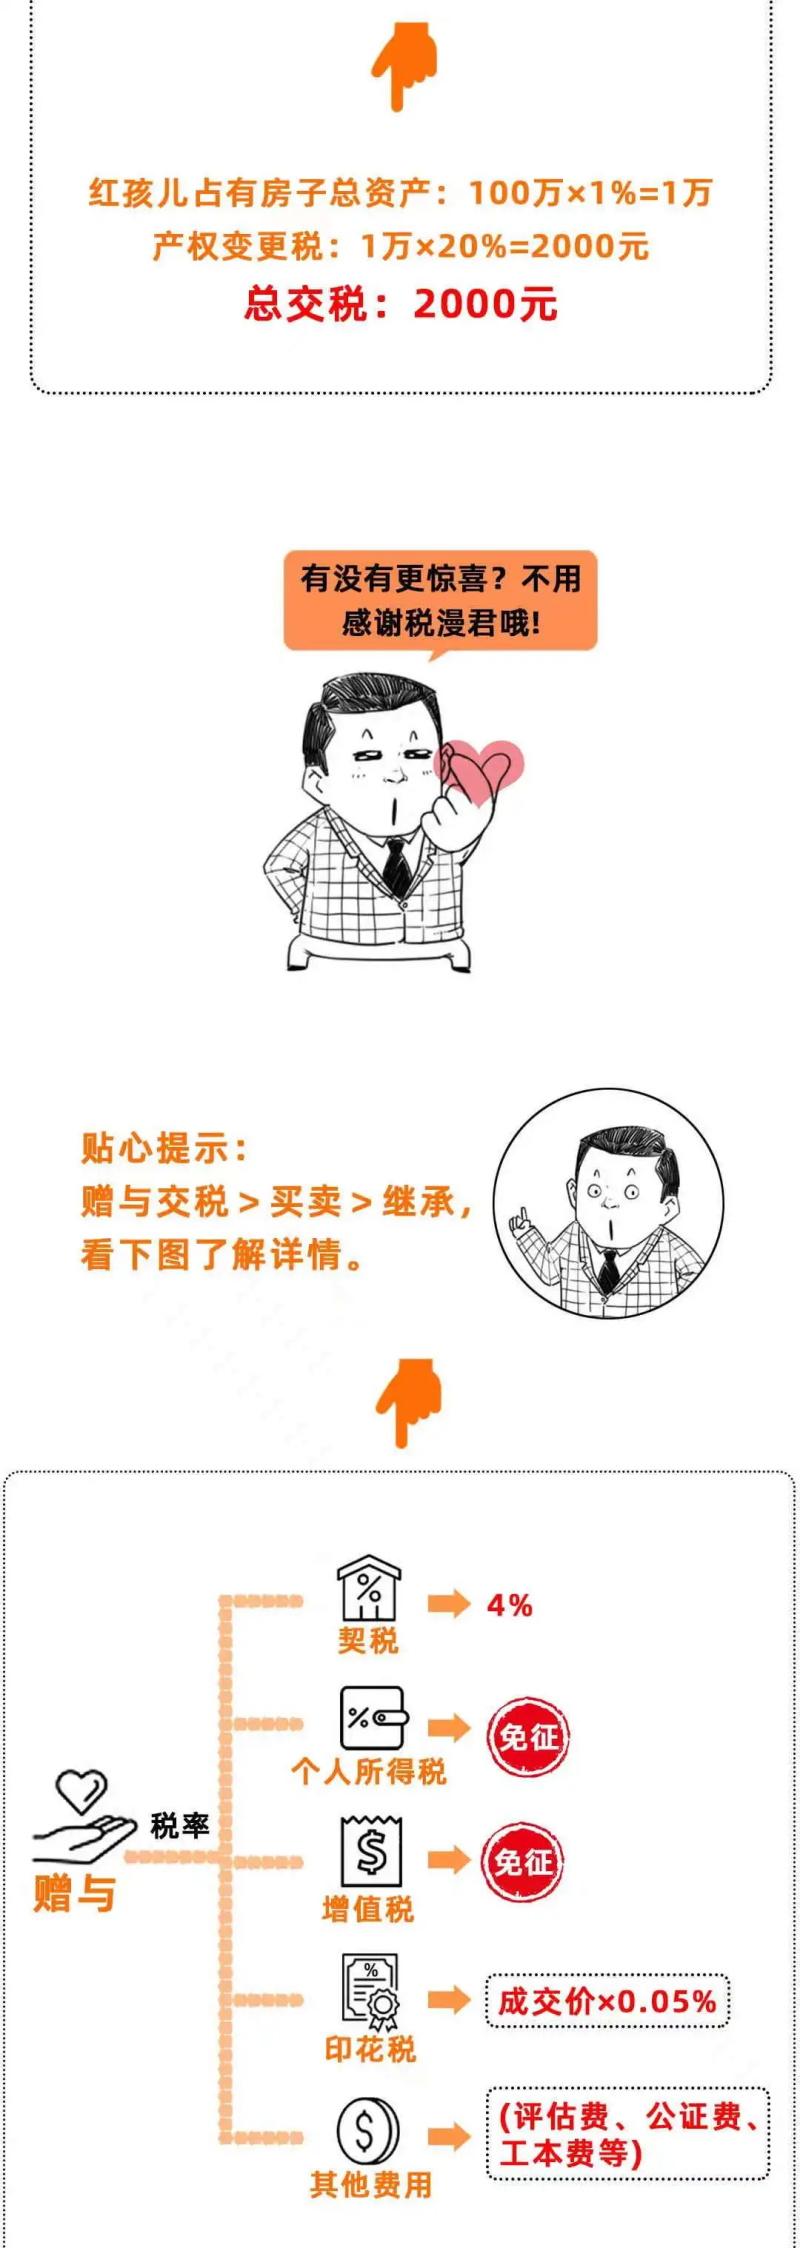 国晖北京- 把房子过户给子女,究竟哪种方式最省钱?